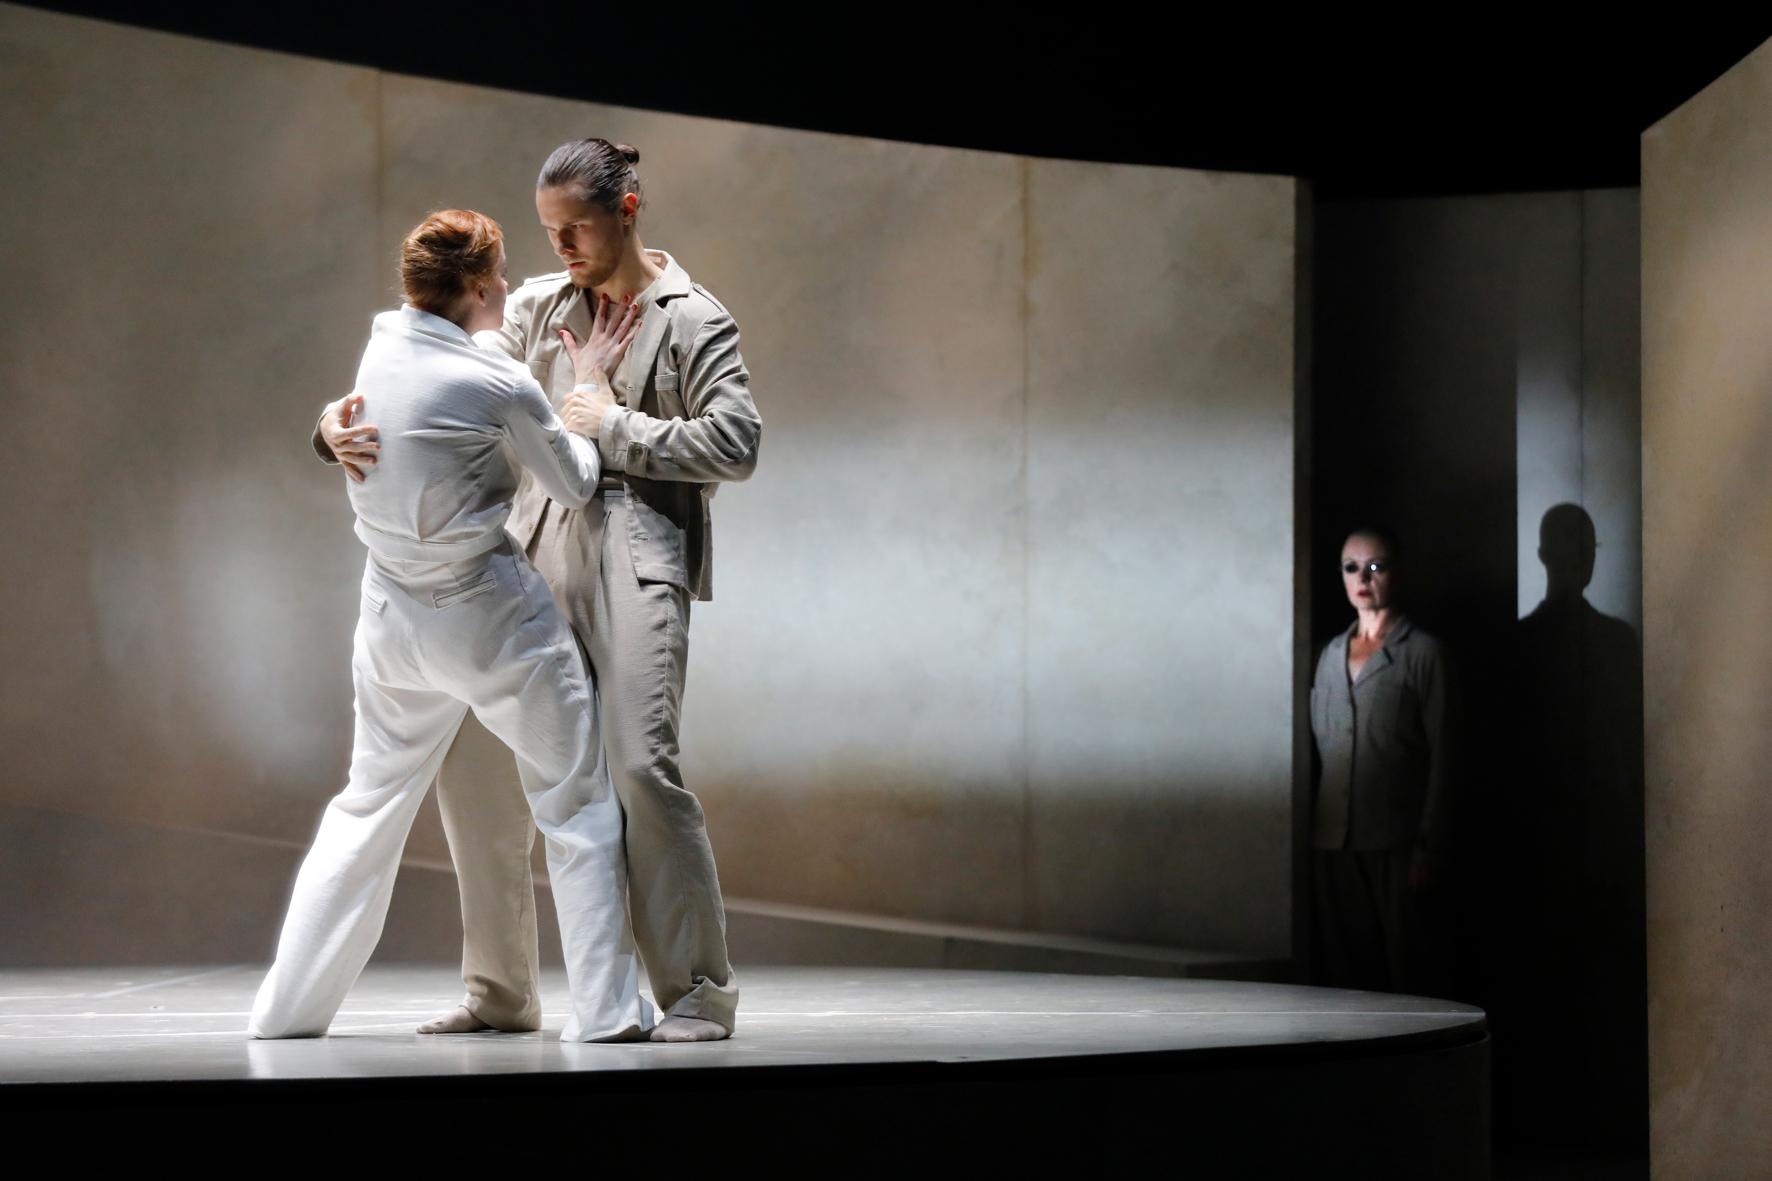 Twee dansers in duet op het podium. We zien een vrouw op de rug die haar hand tegen de borst van haar partner houdt. Hij heeft haar arm vastgepakt en zijn andere arm om haar rug. Op de achtergrond kijkt een duister figuur mee.